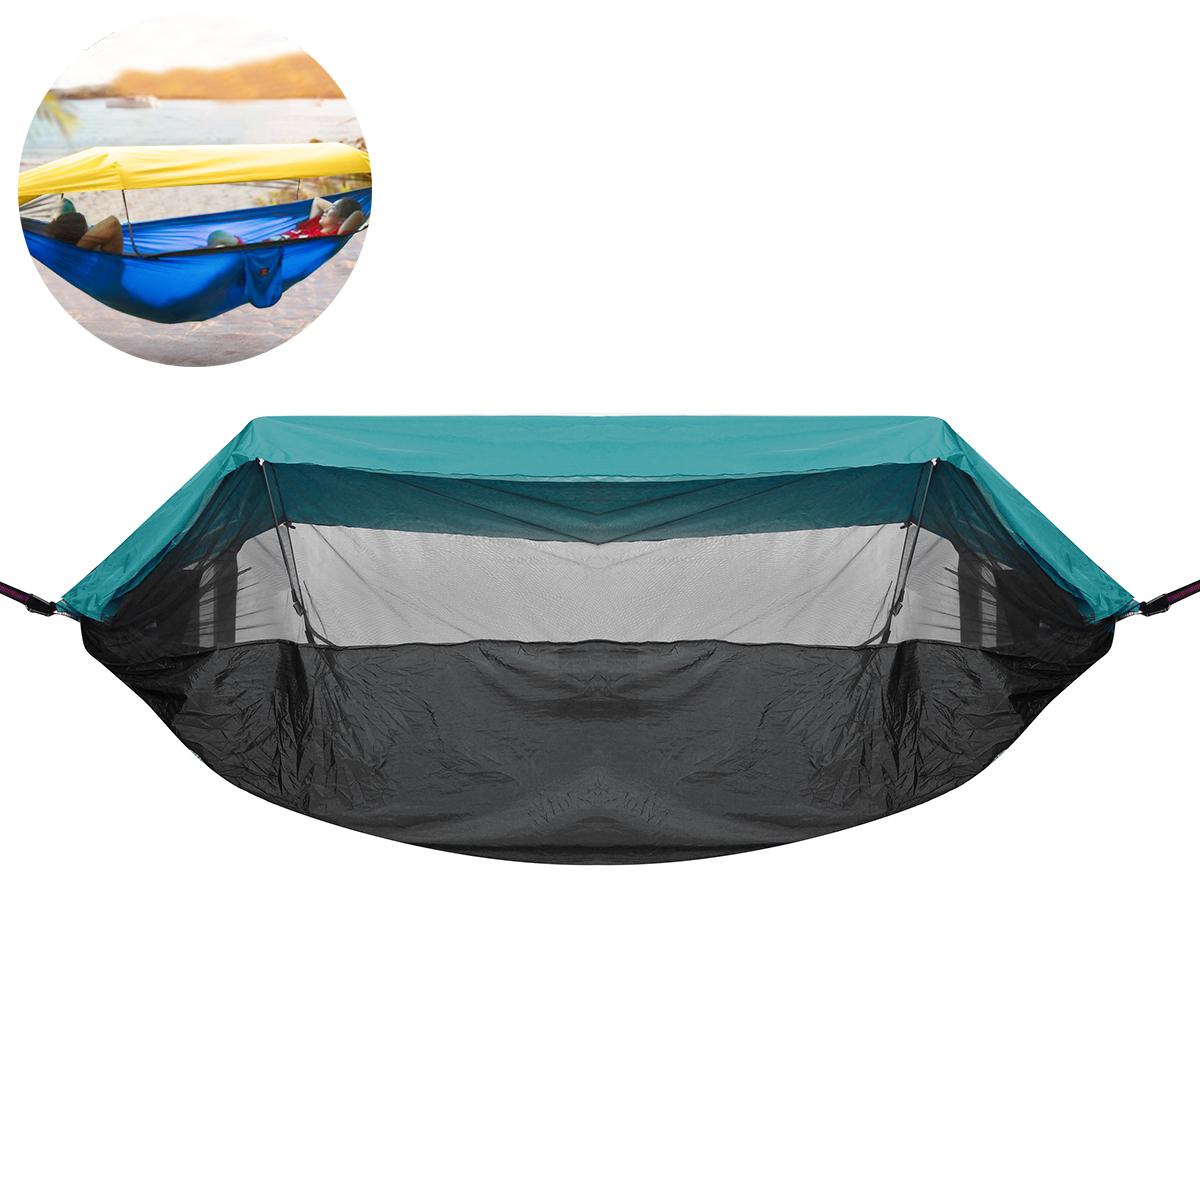 См На открытом воздухе Двуспальная гамак-подвесная качающаяся кровать с москитной сеткой Макс. Нагрузка 300 кг Кемпинг Пеший туризм